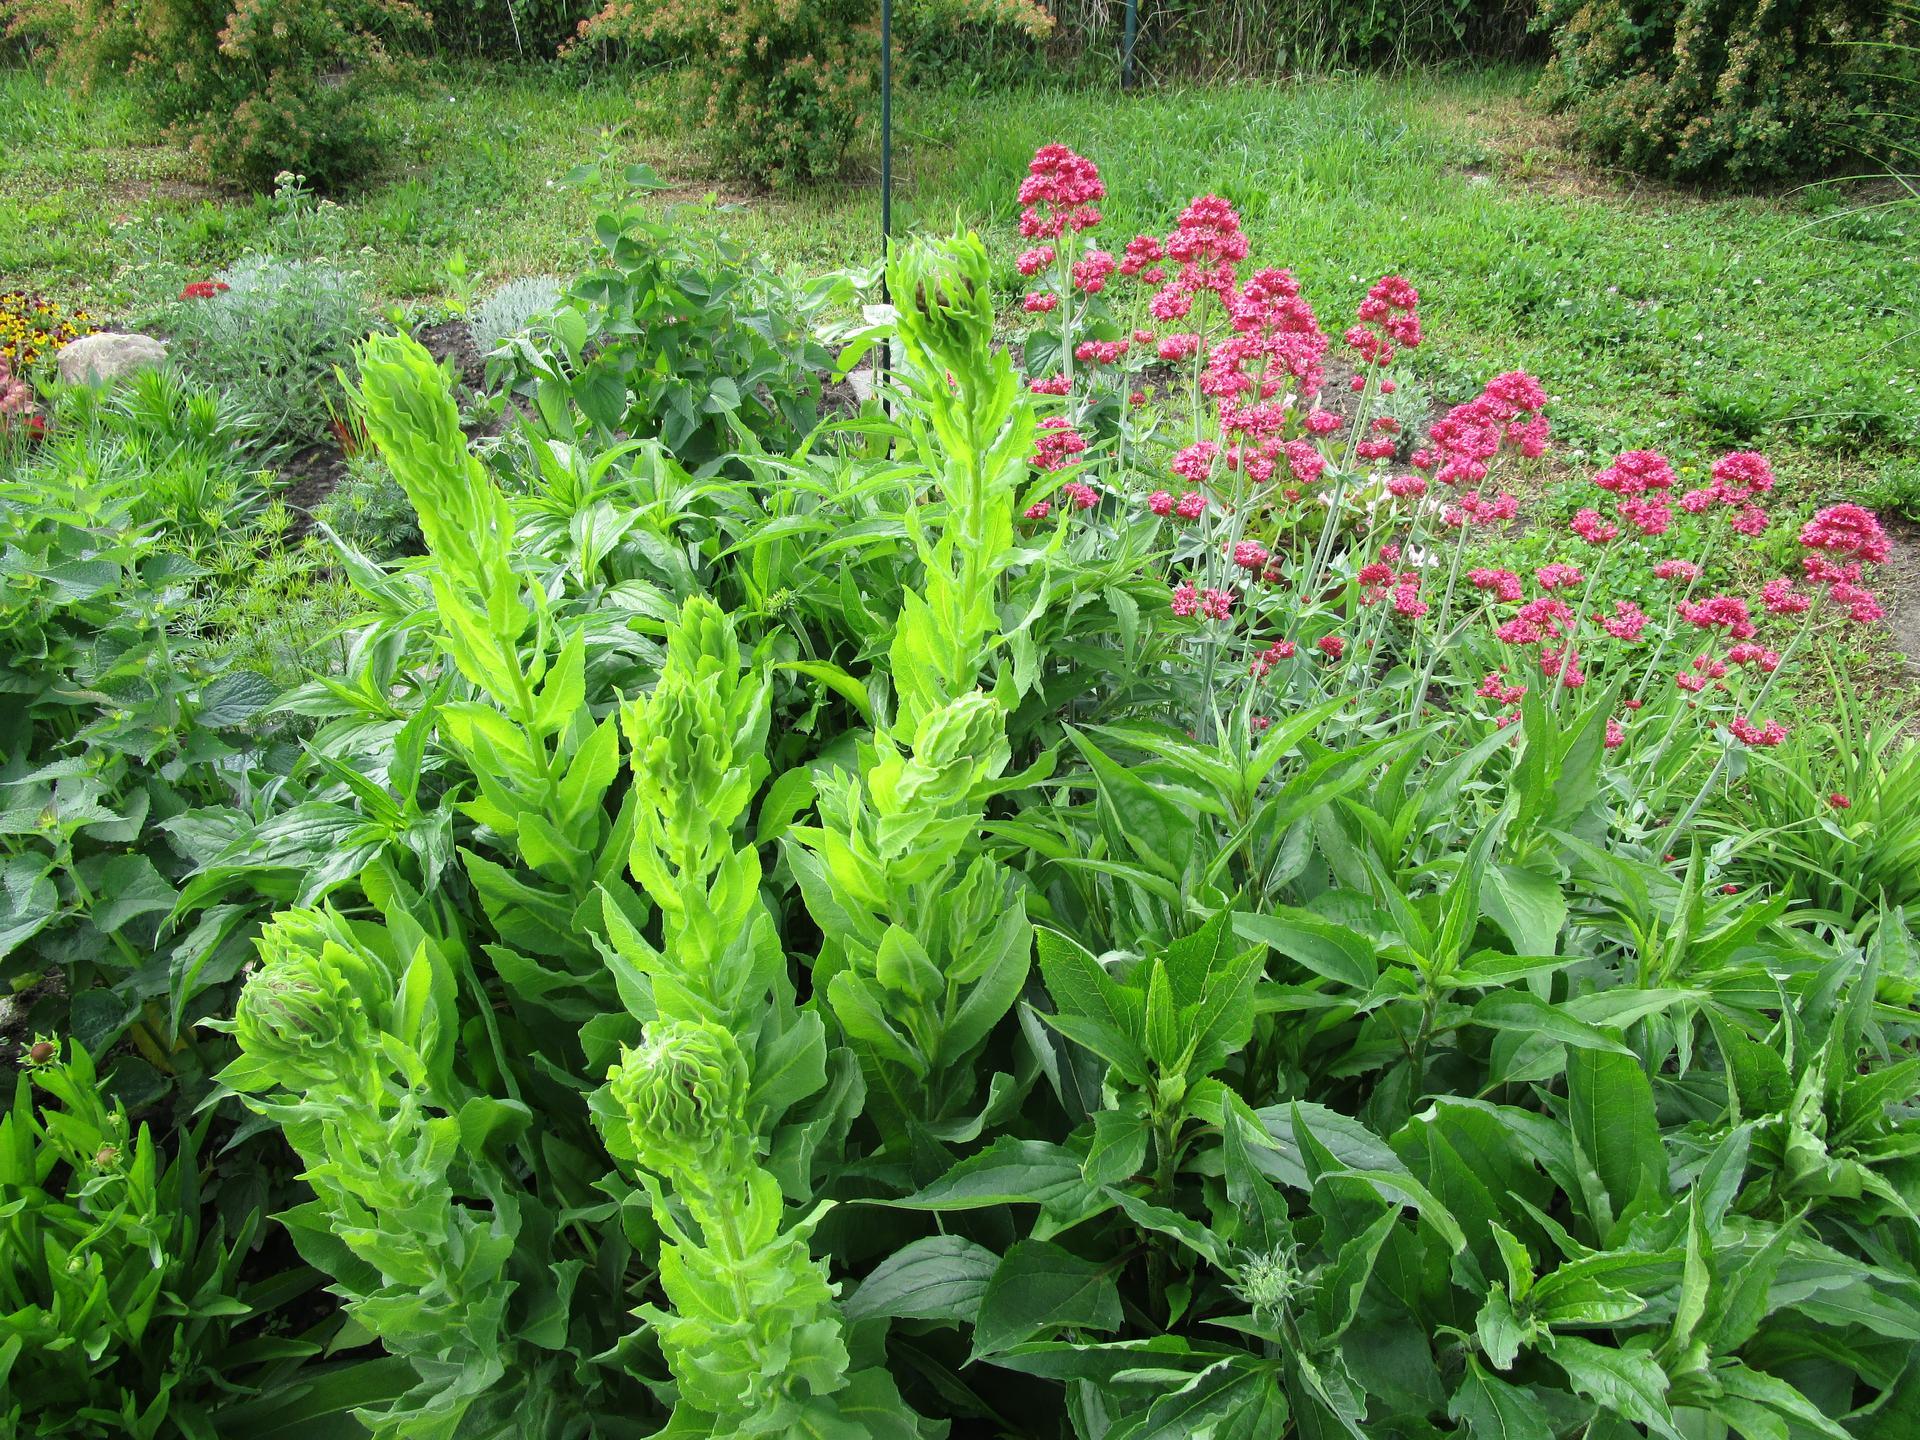 zahrada 2021 - mavuň a překvapení - chrpa žlutokvětá, vypěstovaná ze směsi trvalkových semen